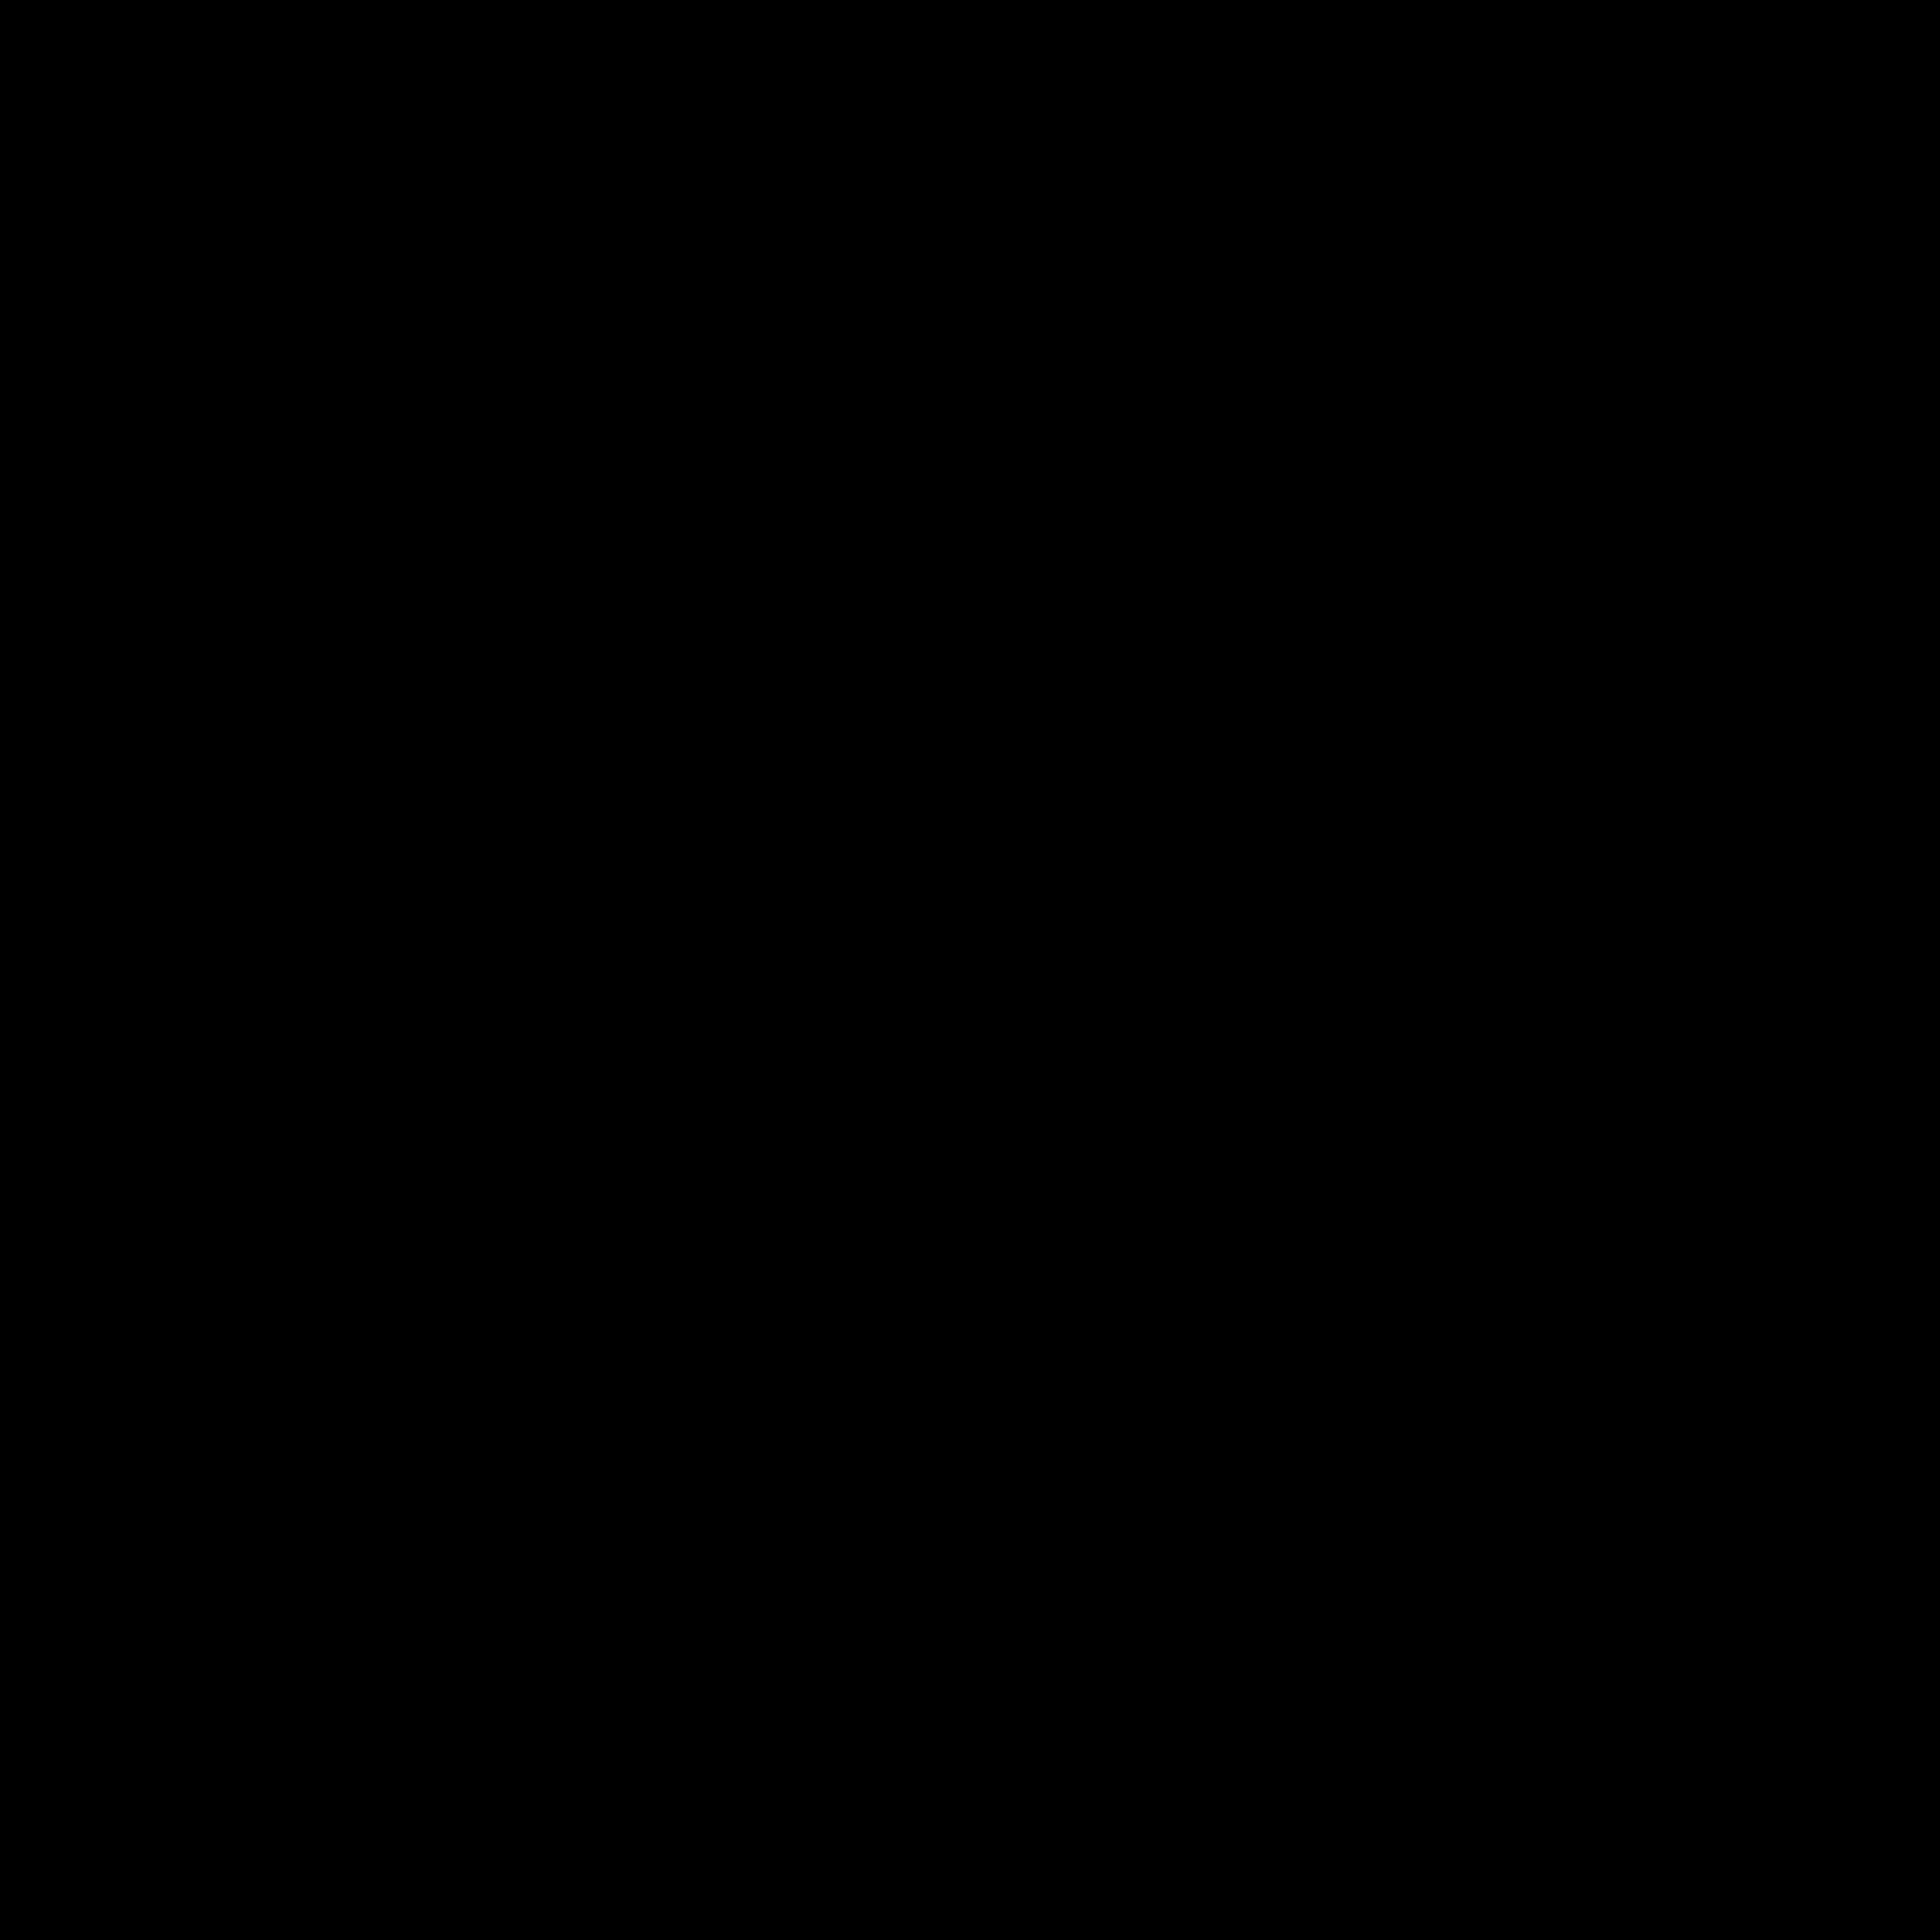 48in-standing-royce-cuddles-navy-blue-teddy-bear.jpg